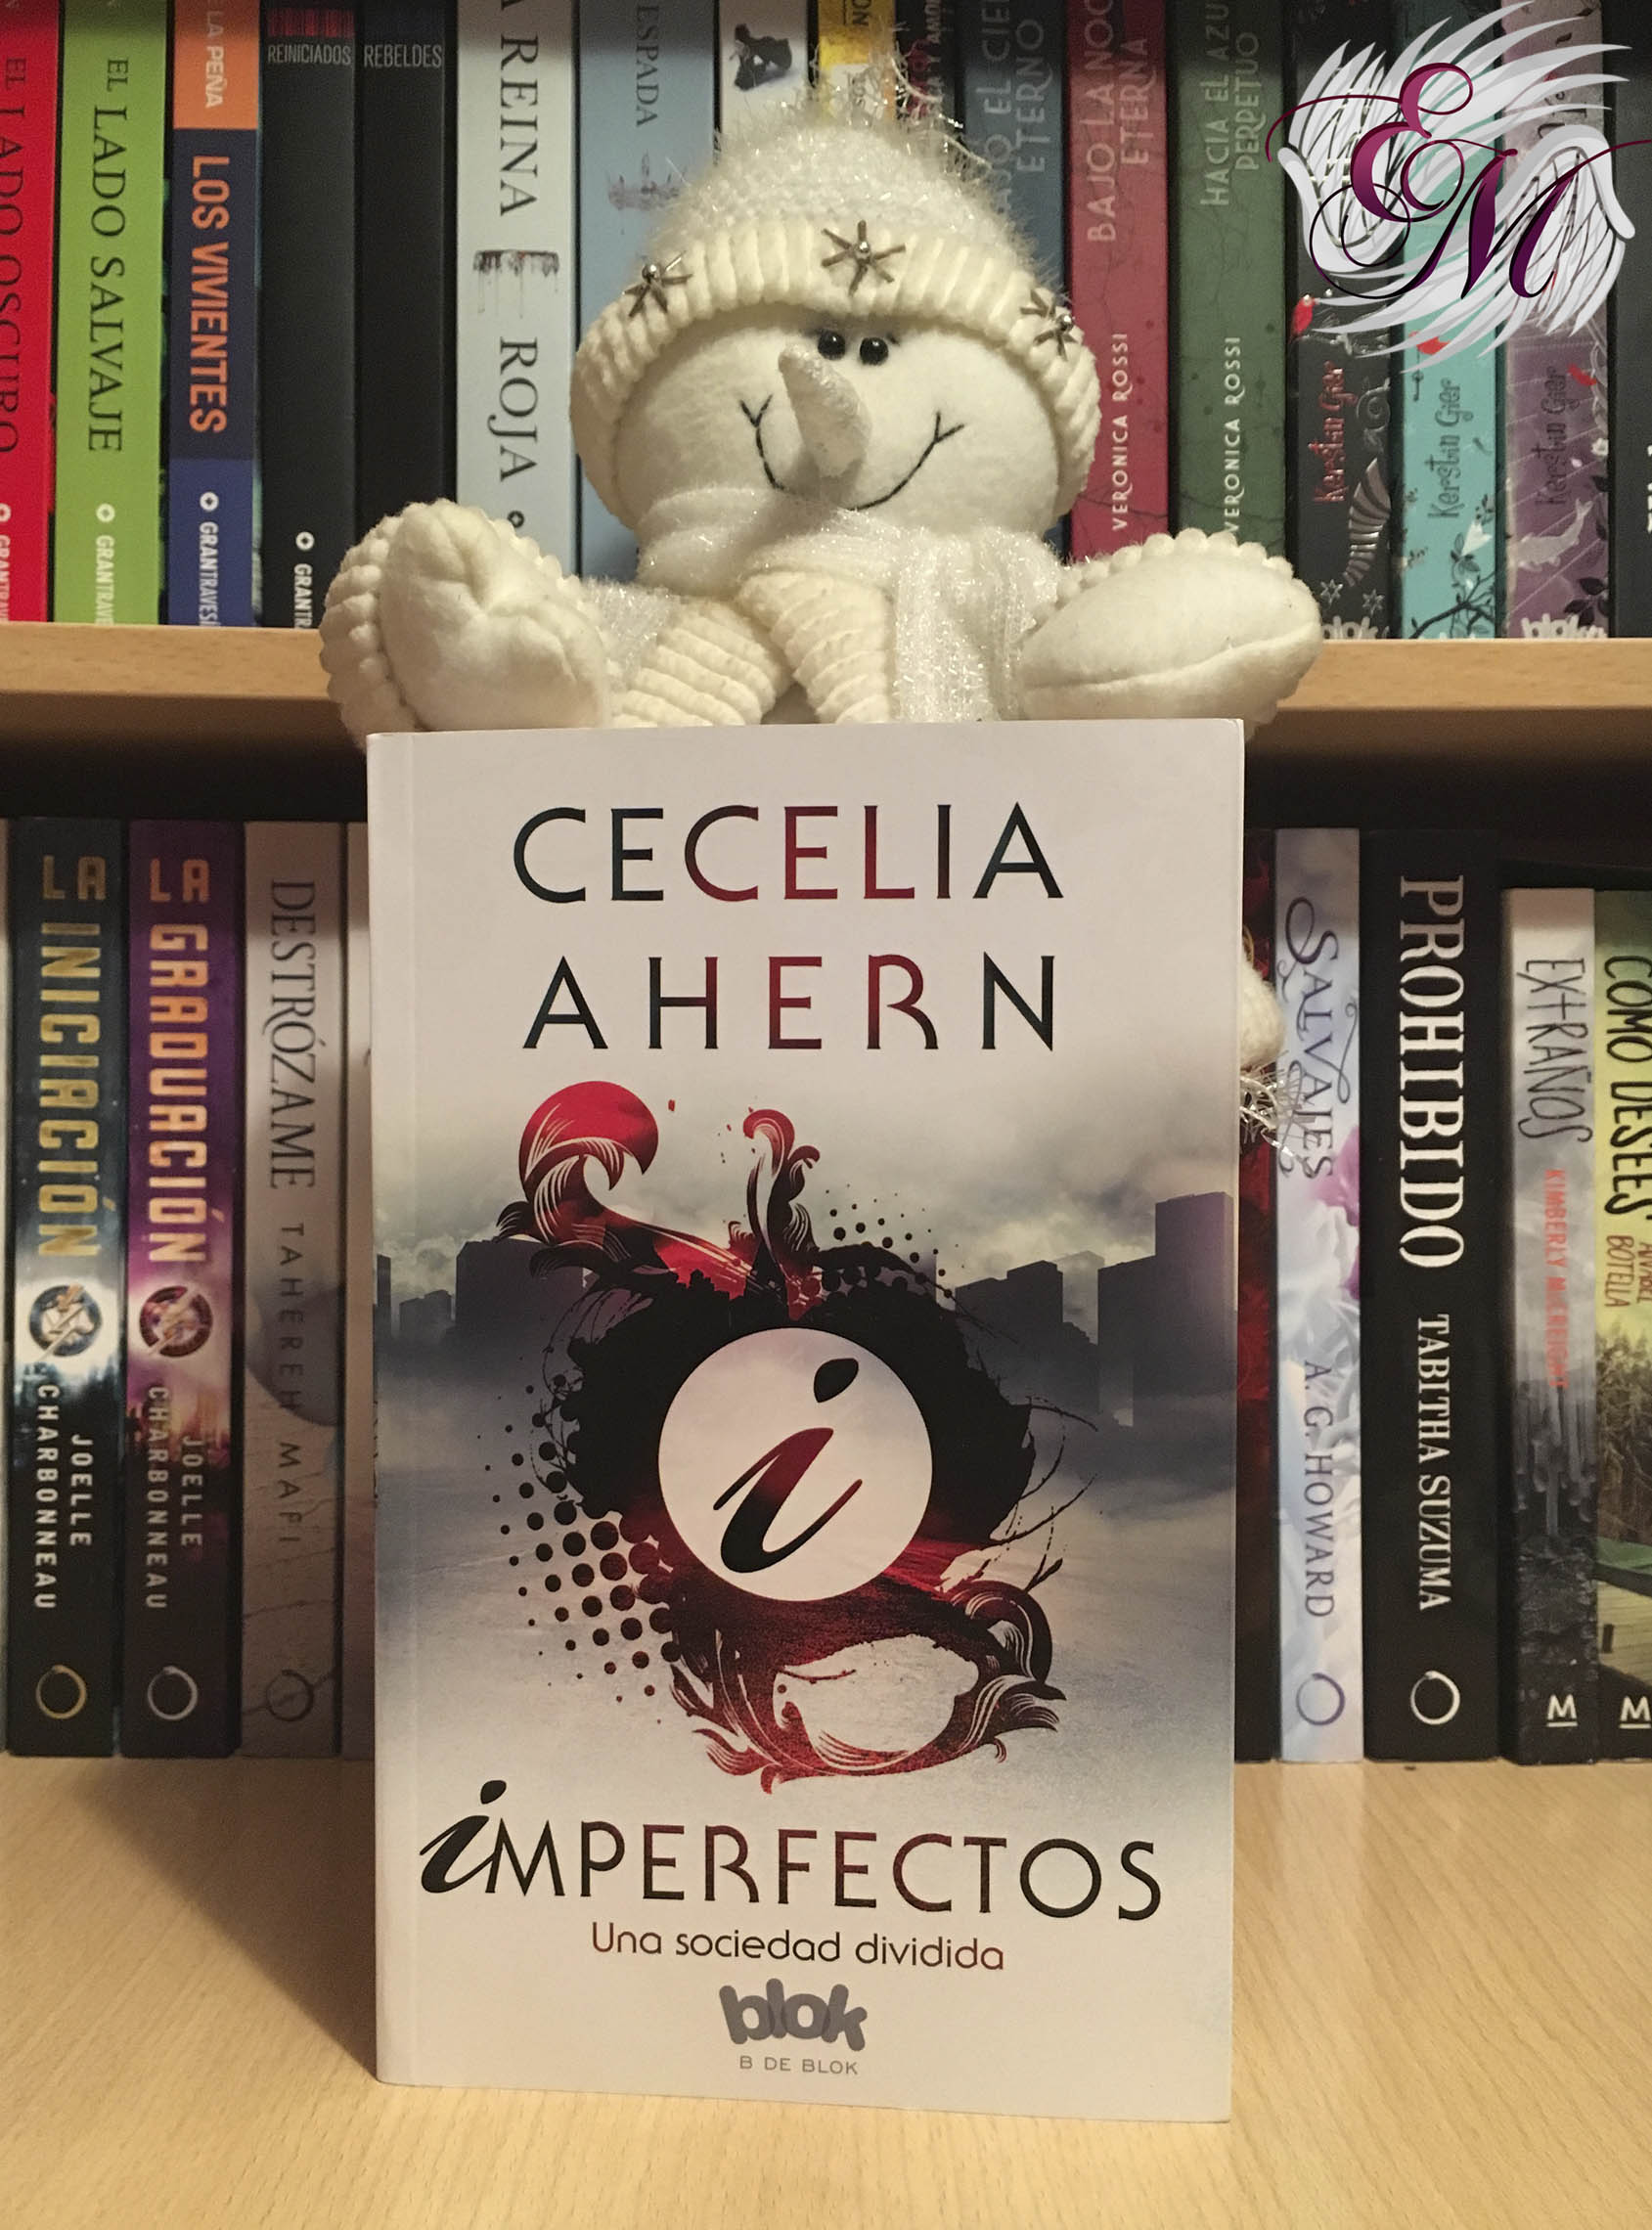 Imperfectos, de Cecelia Ahern - Reseña